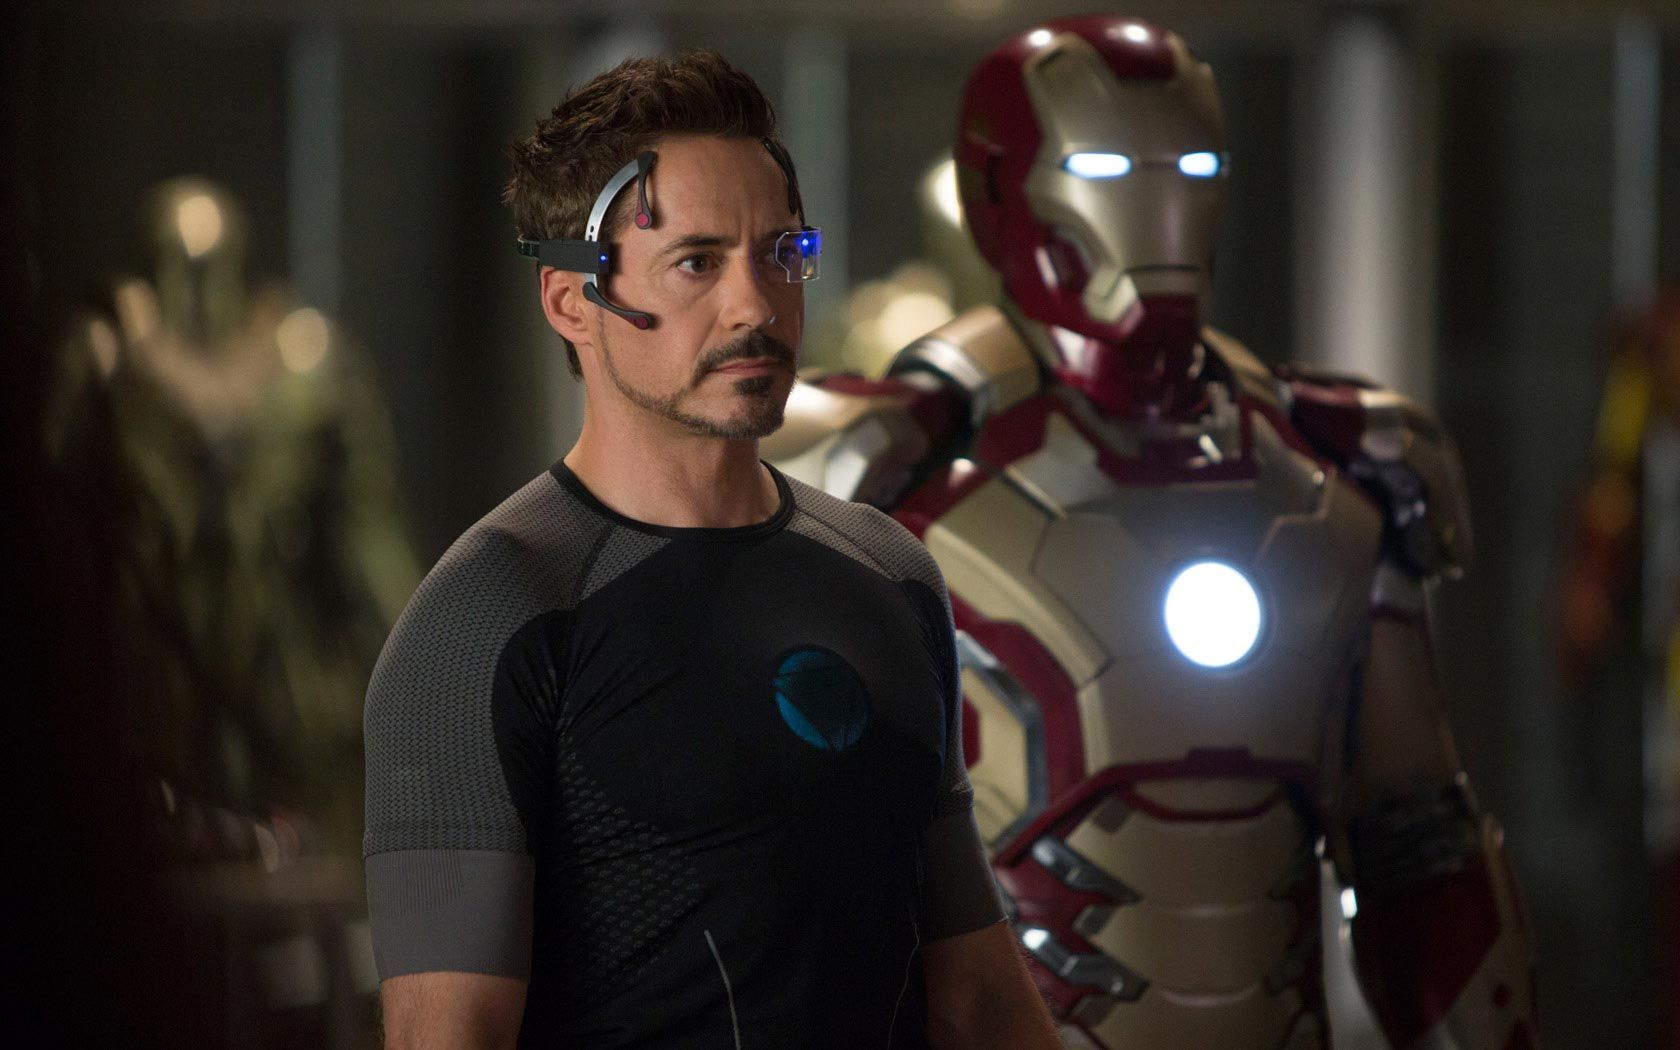 Tony Stark Is Back Ironman3 In Theaters May 3 2013 Iron Man Tony Stark New Iron Man